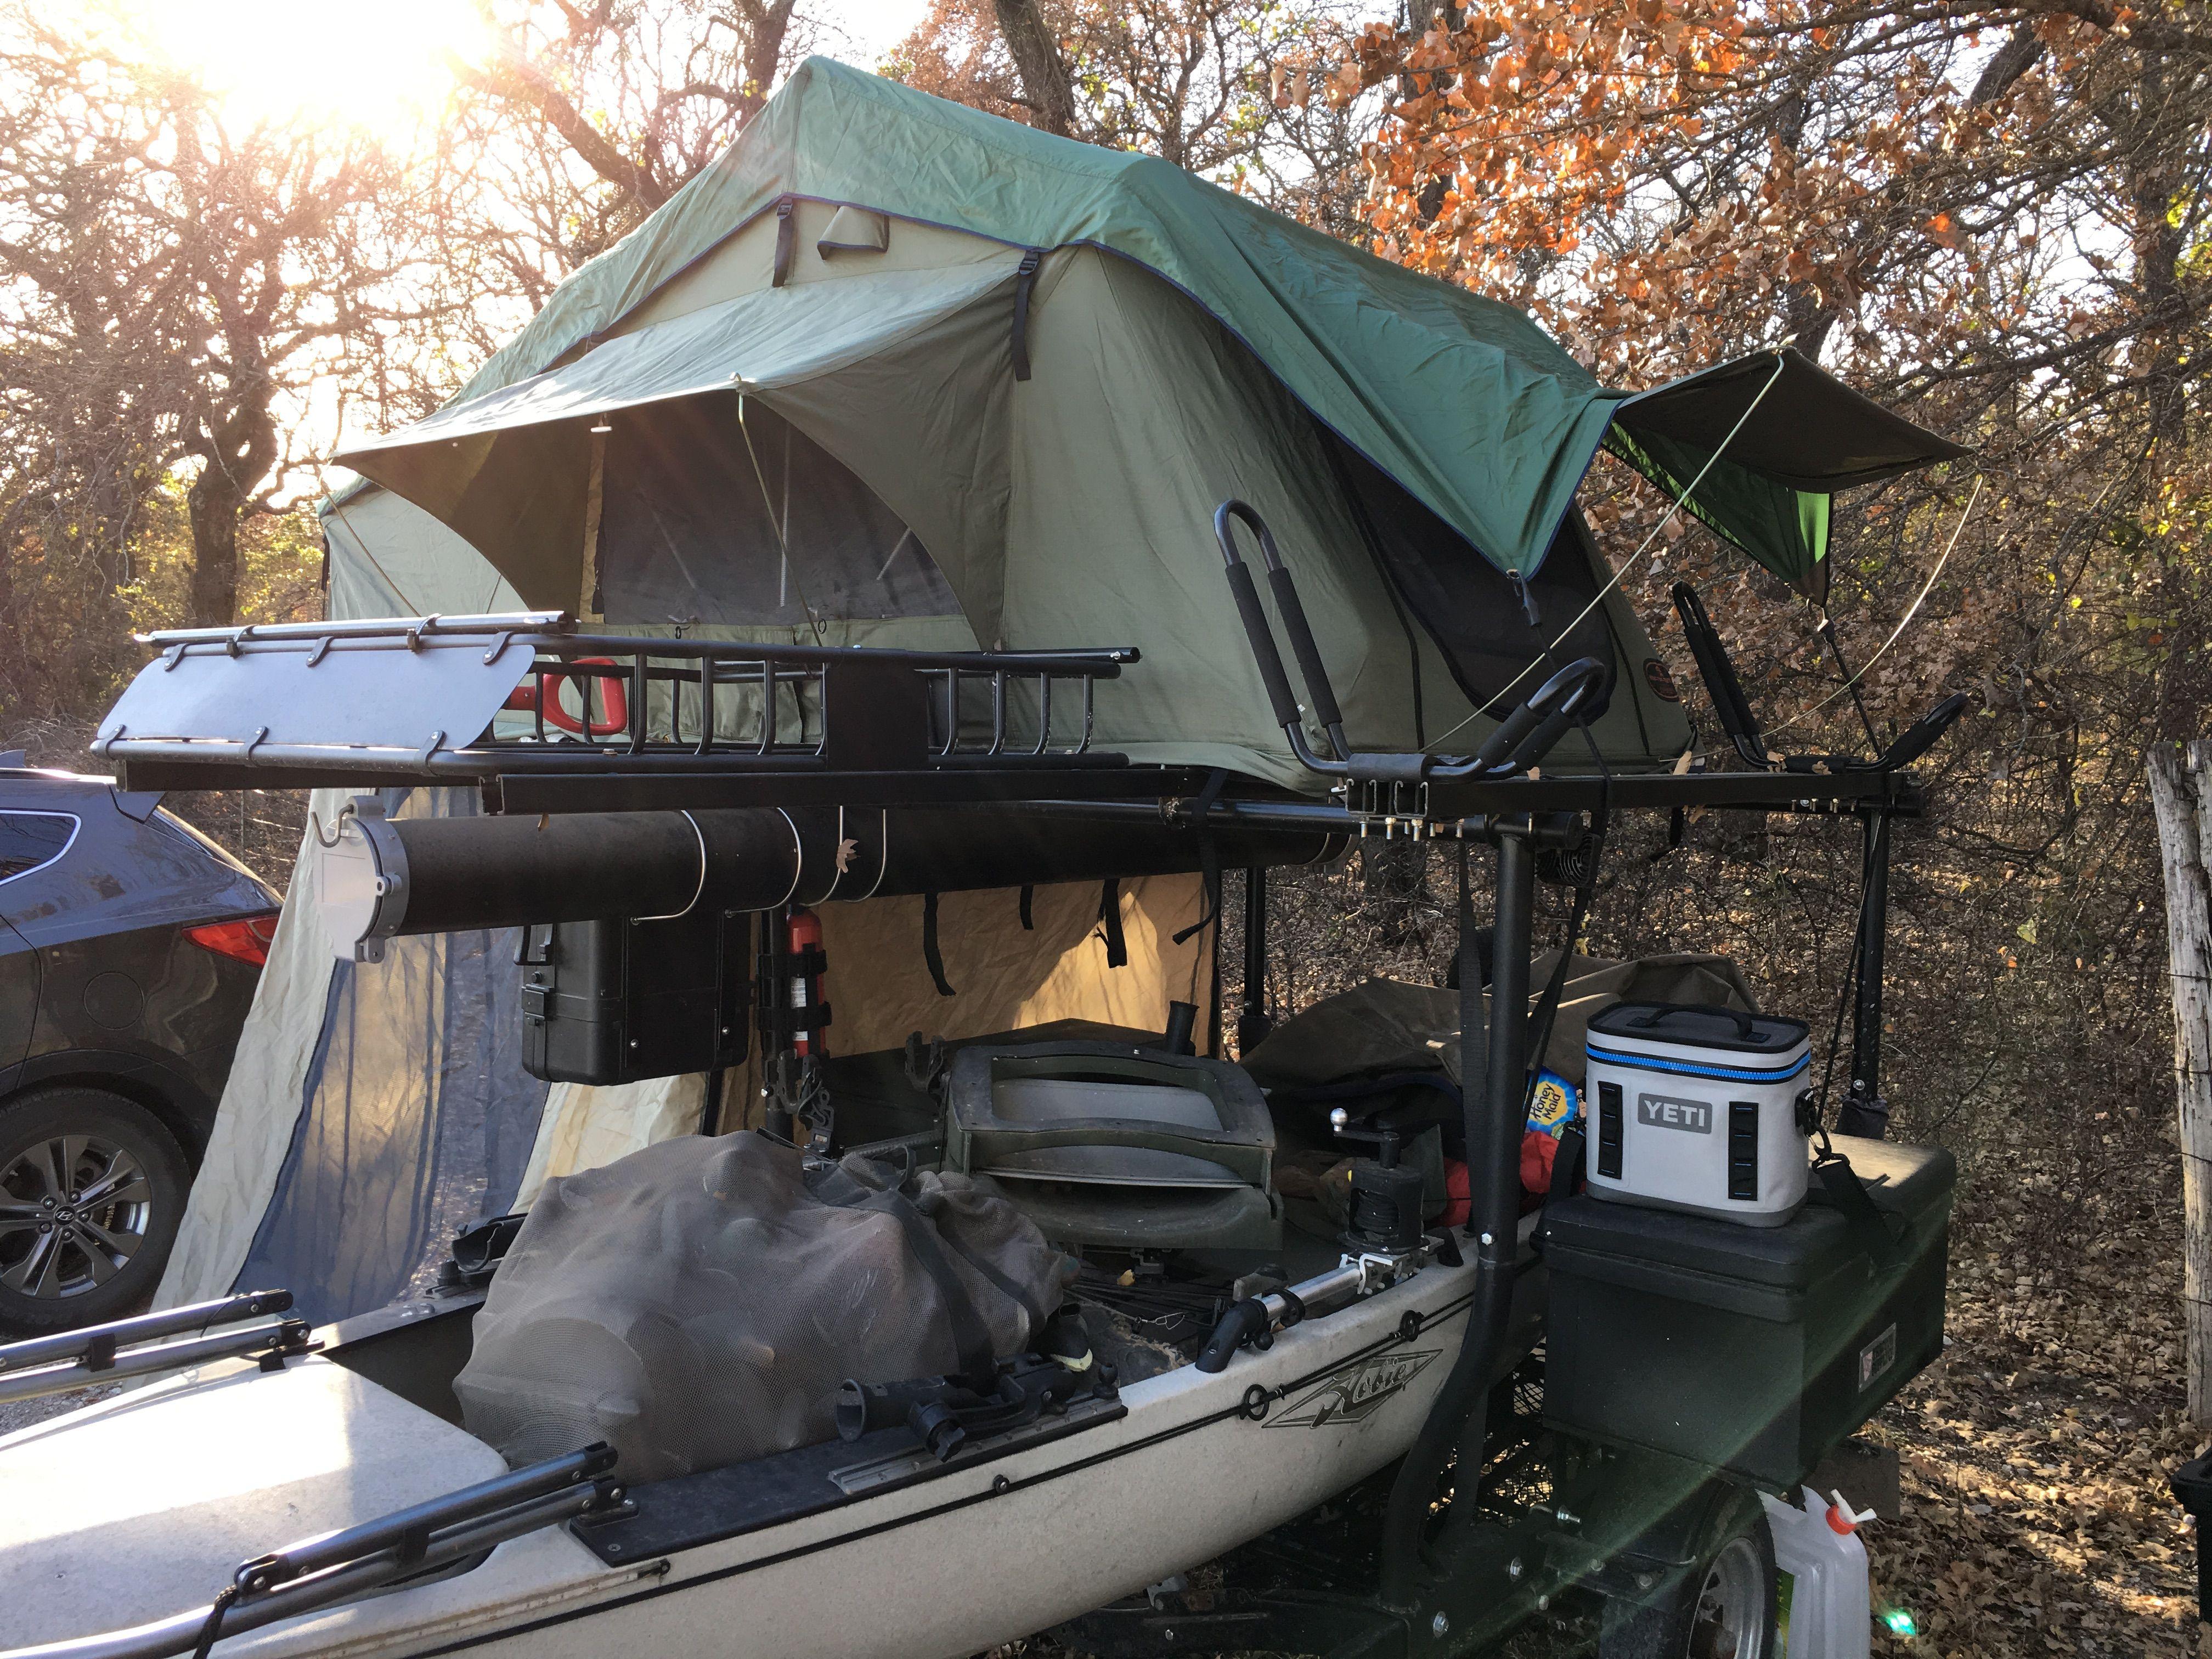 Pin By Dale Kildal On Kayak Roof Top Tent Rtt Kayak Trailer Jeep Camping Kayak Fishing